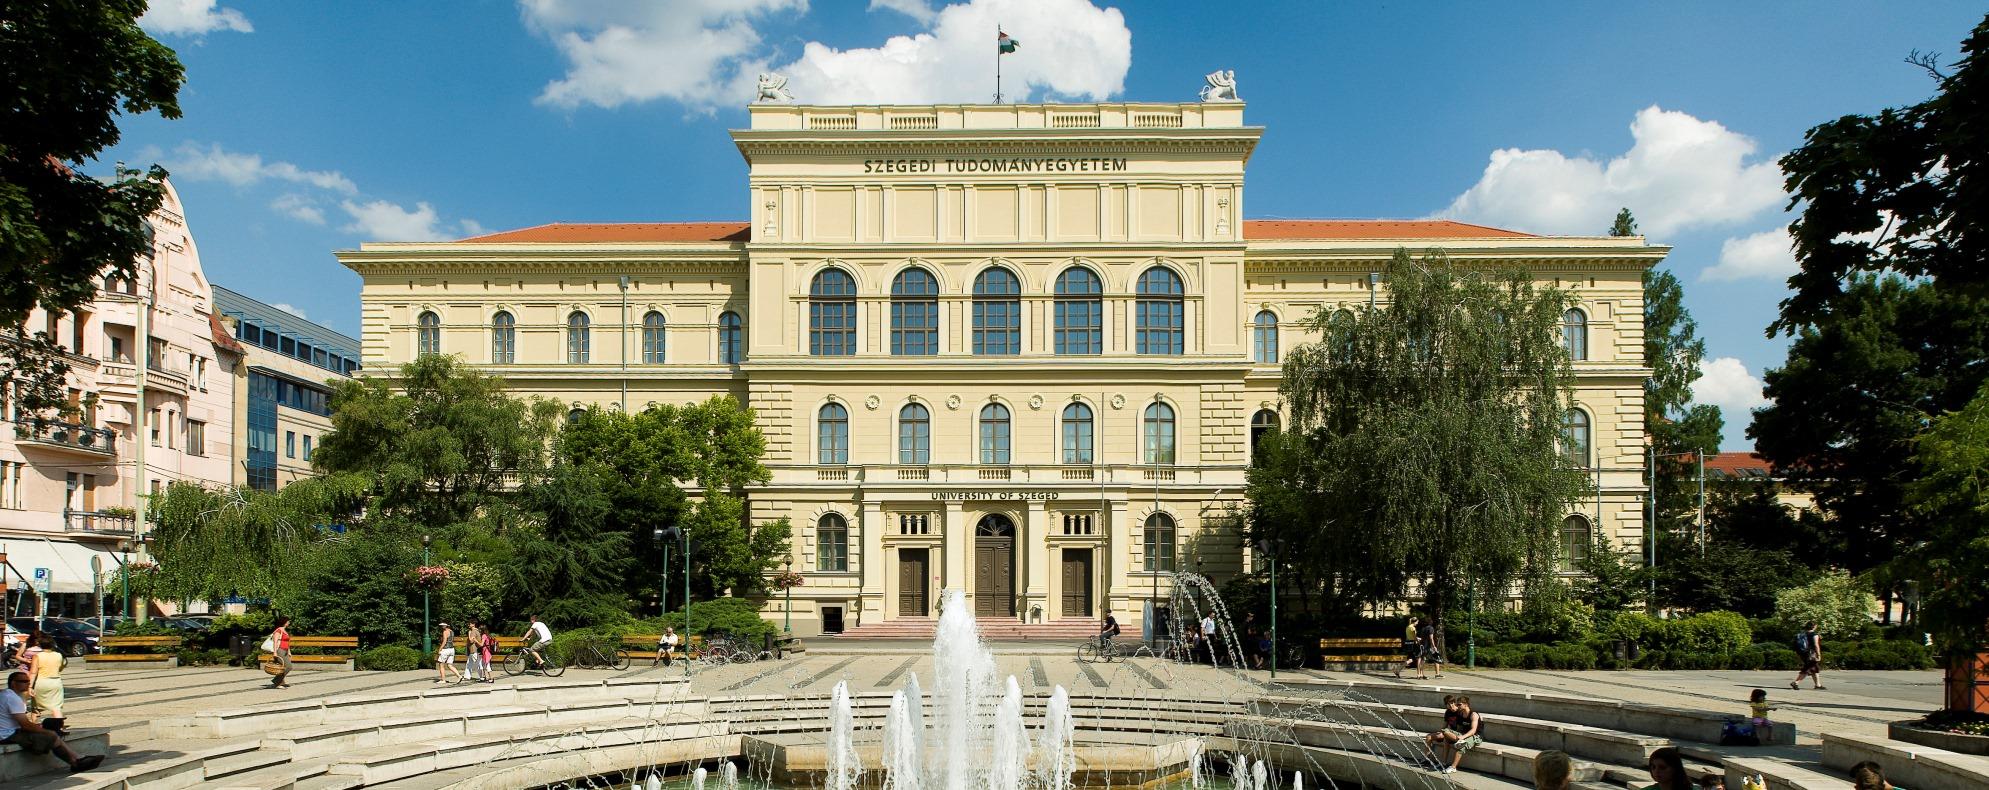 Továbbra is az SZTE a legzöldebb magyarországi egyetem